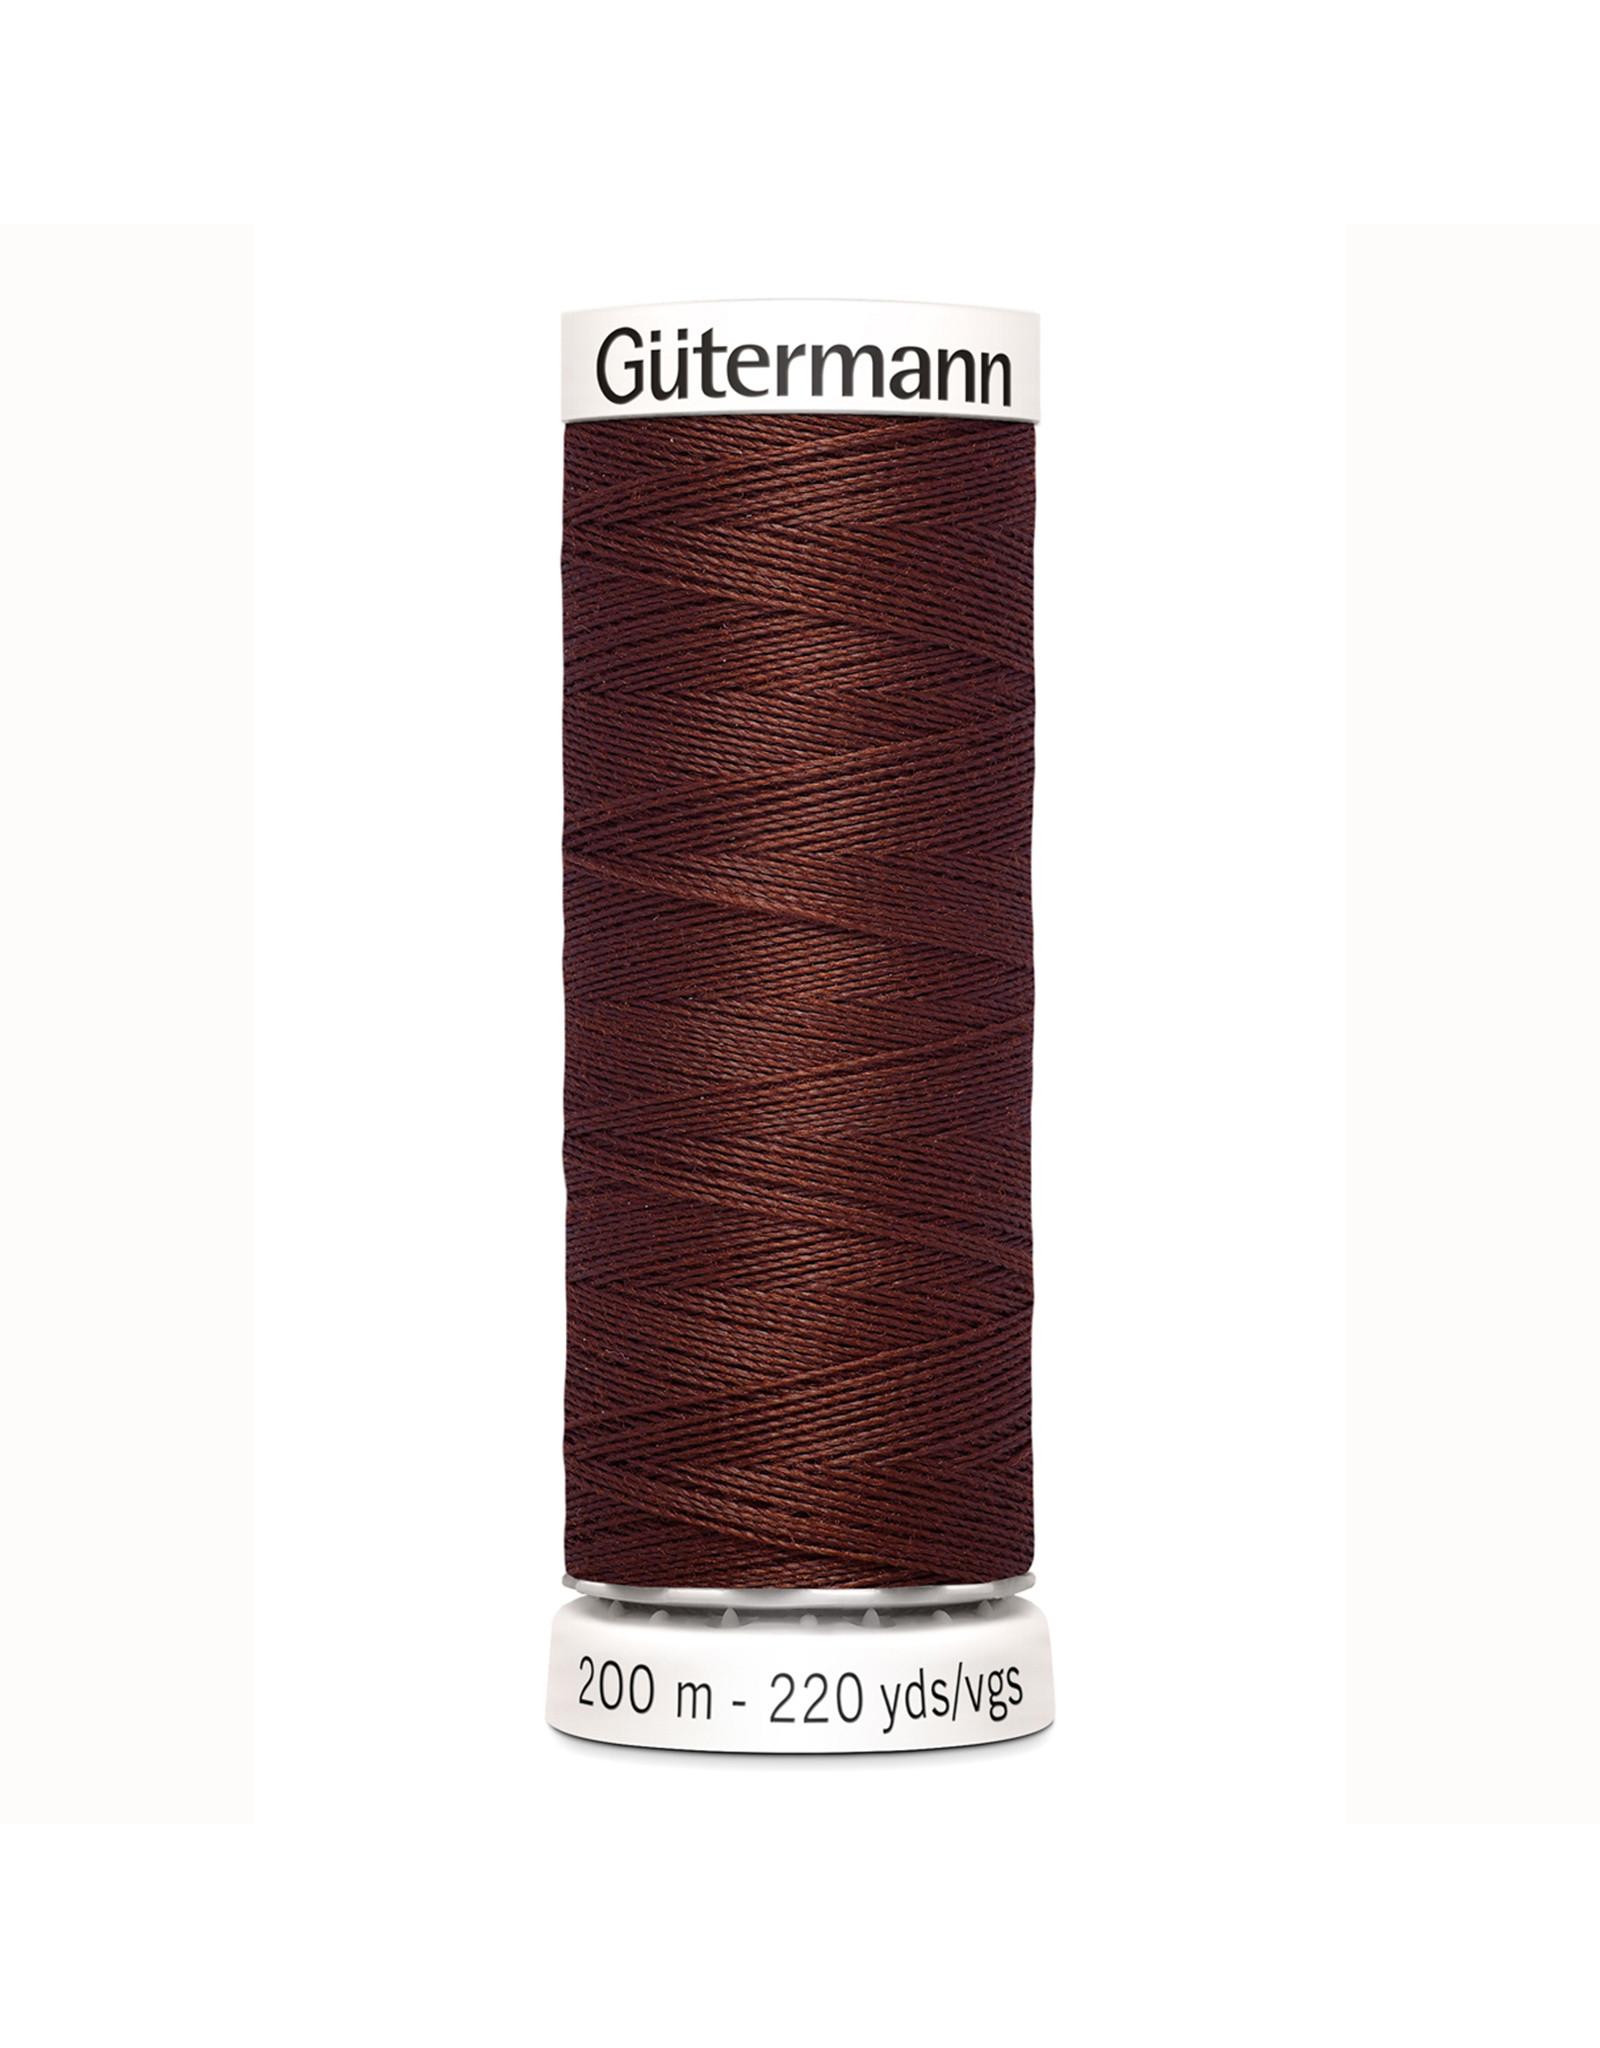 Gütermann Gütermann Nähgarn 200 m - nr 230